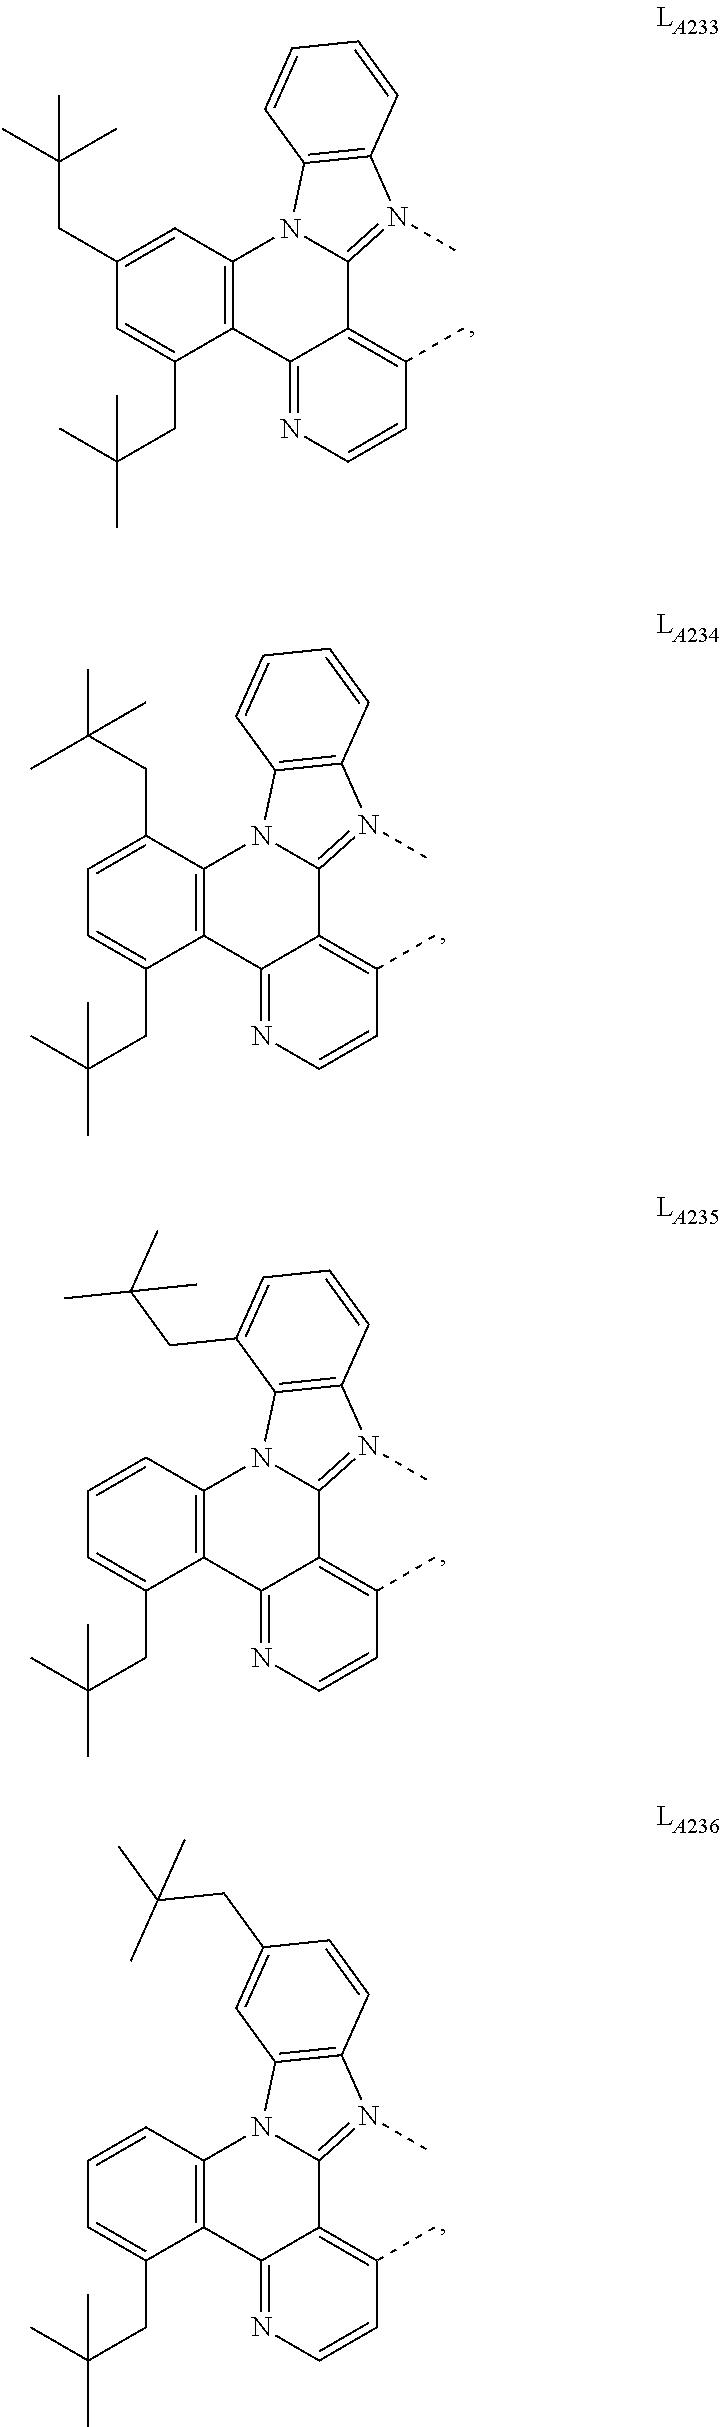 Figure US09905785-20180227-C00079